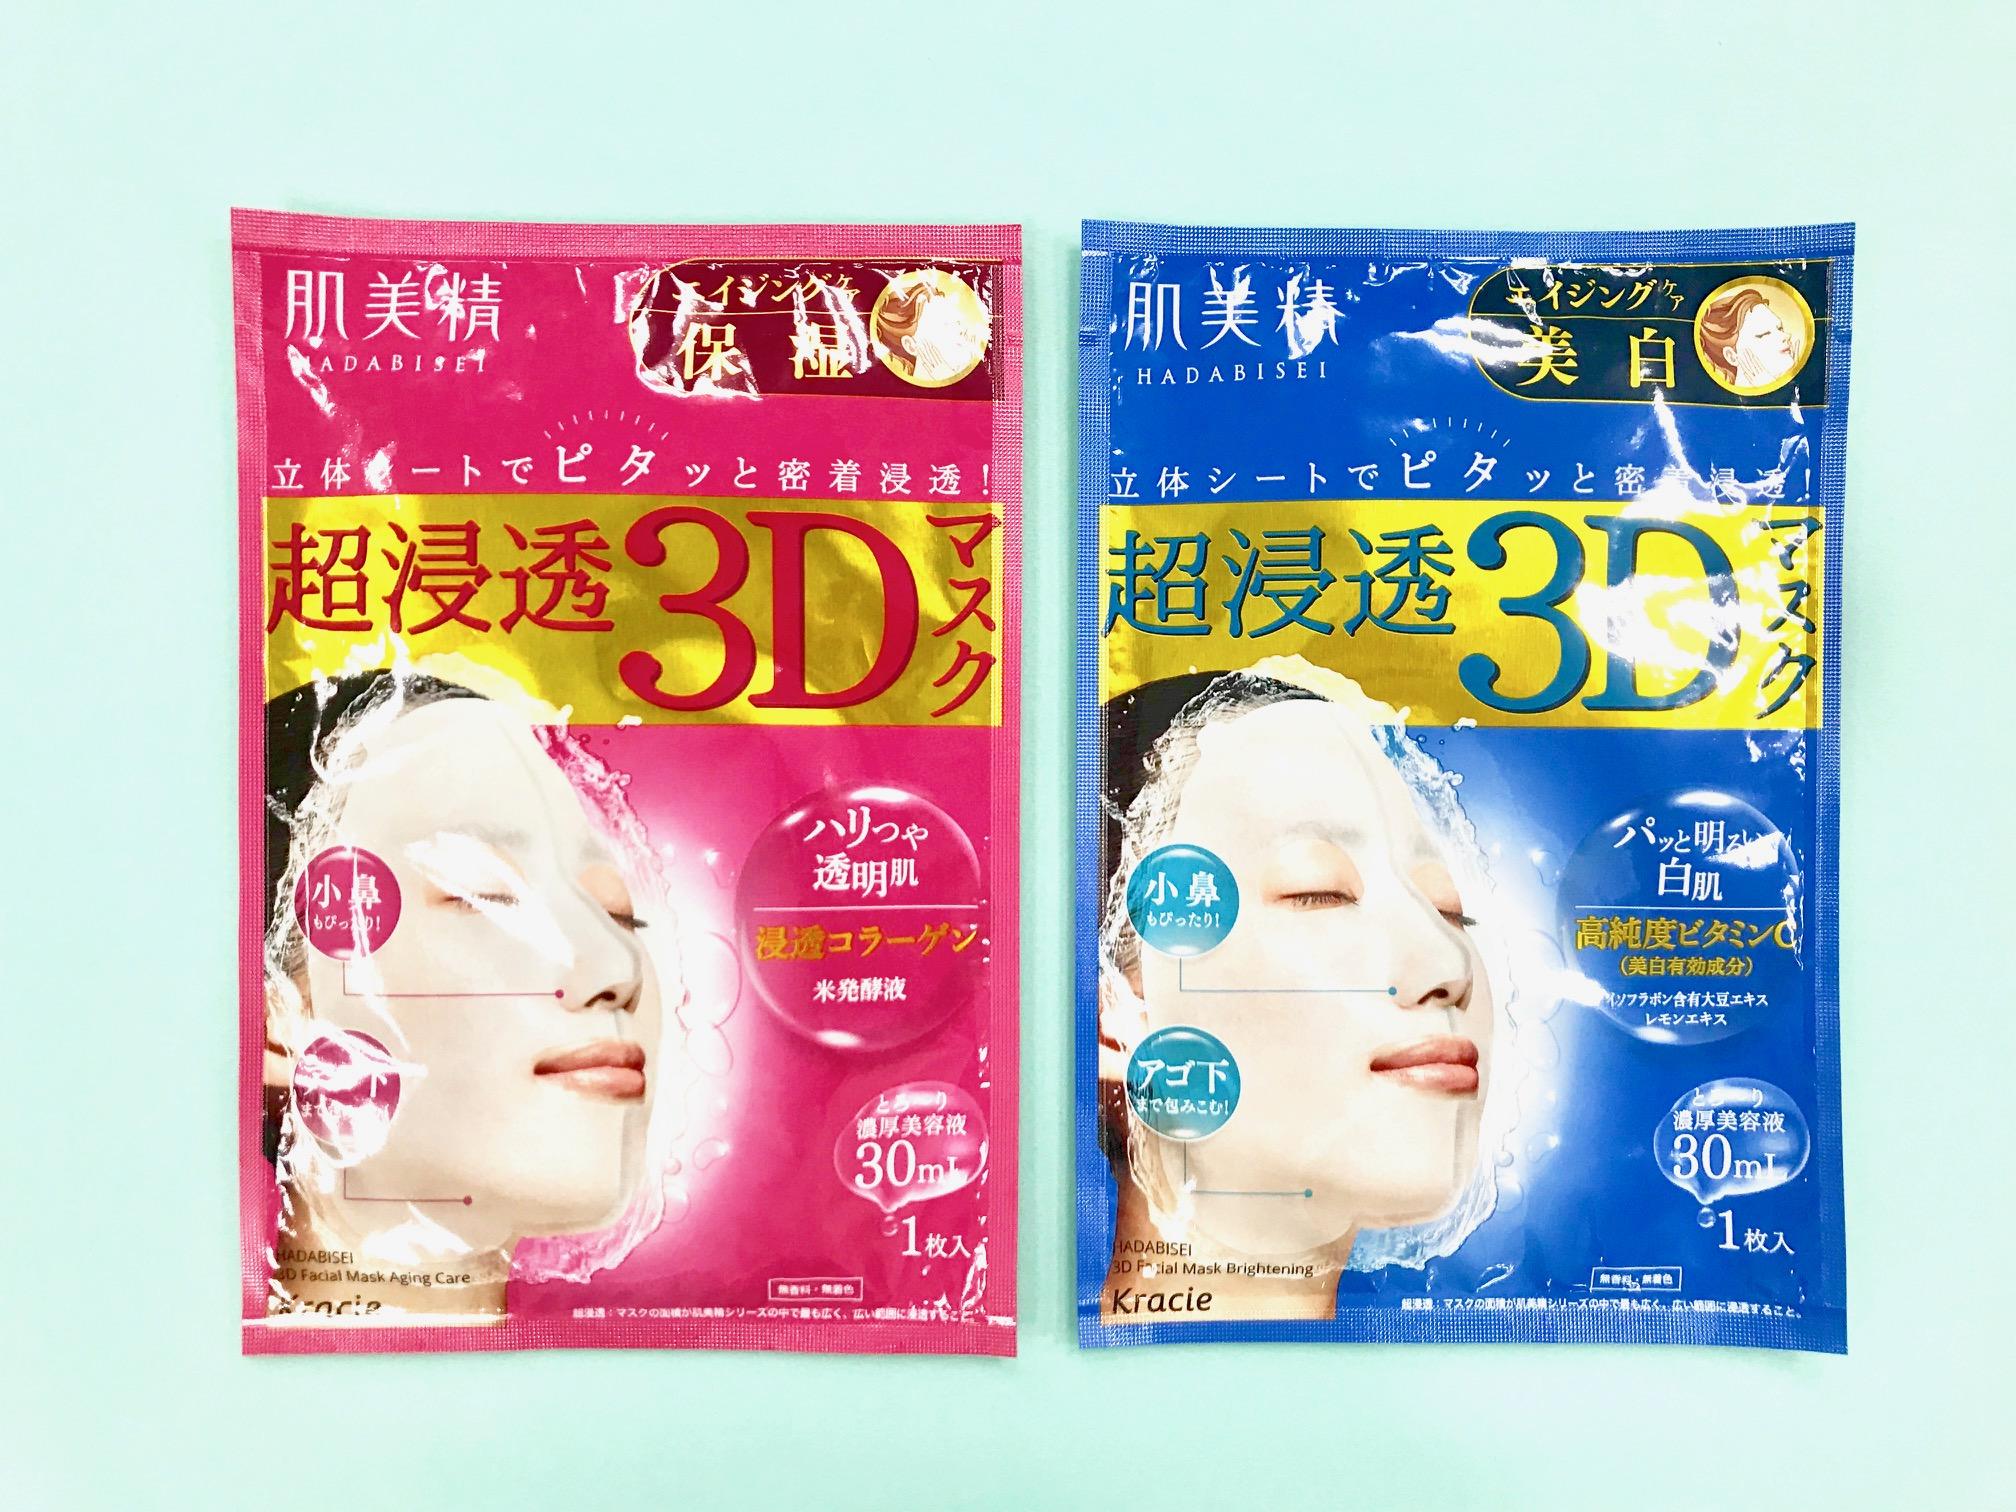 『肌美精』シートマスクのススメ♡ リニューアル&新登場した美容液たっぷりのマスクで、美肌への最短ルートを!_1